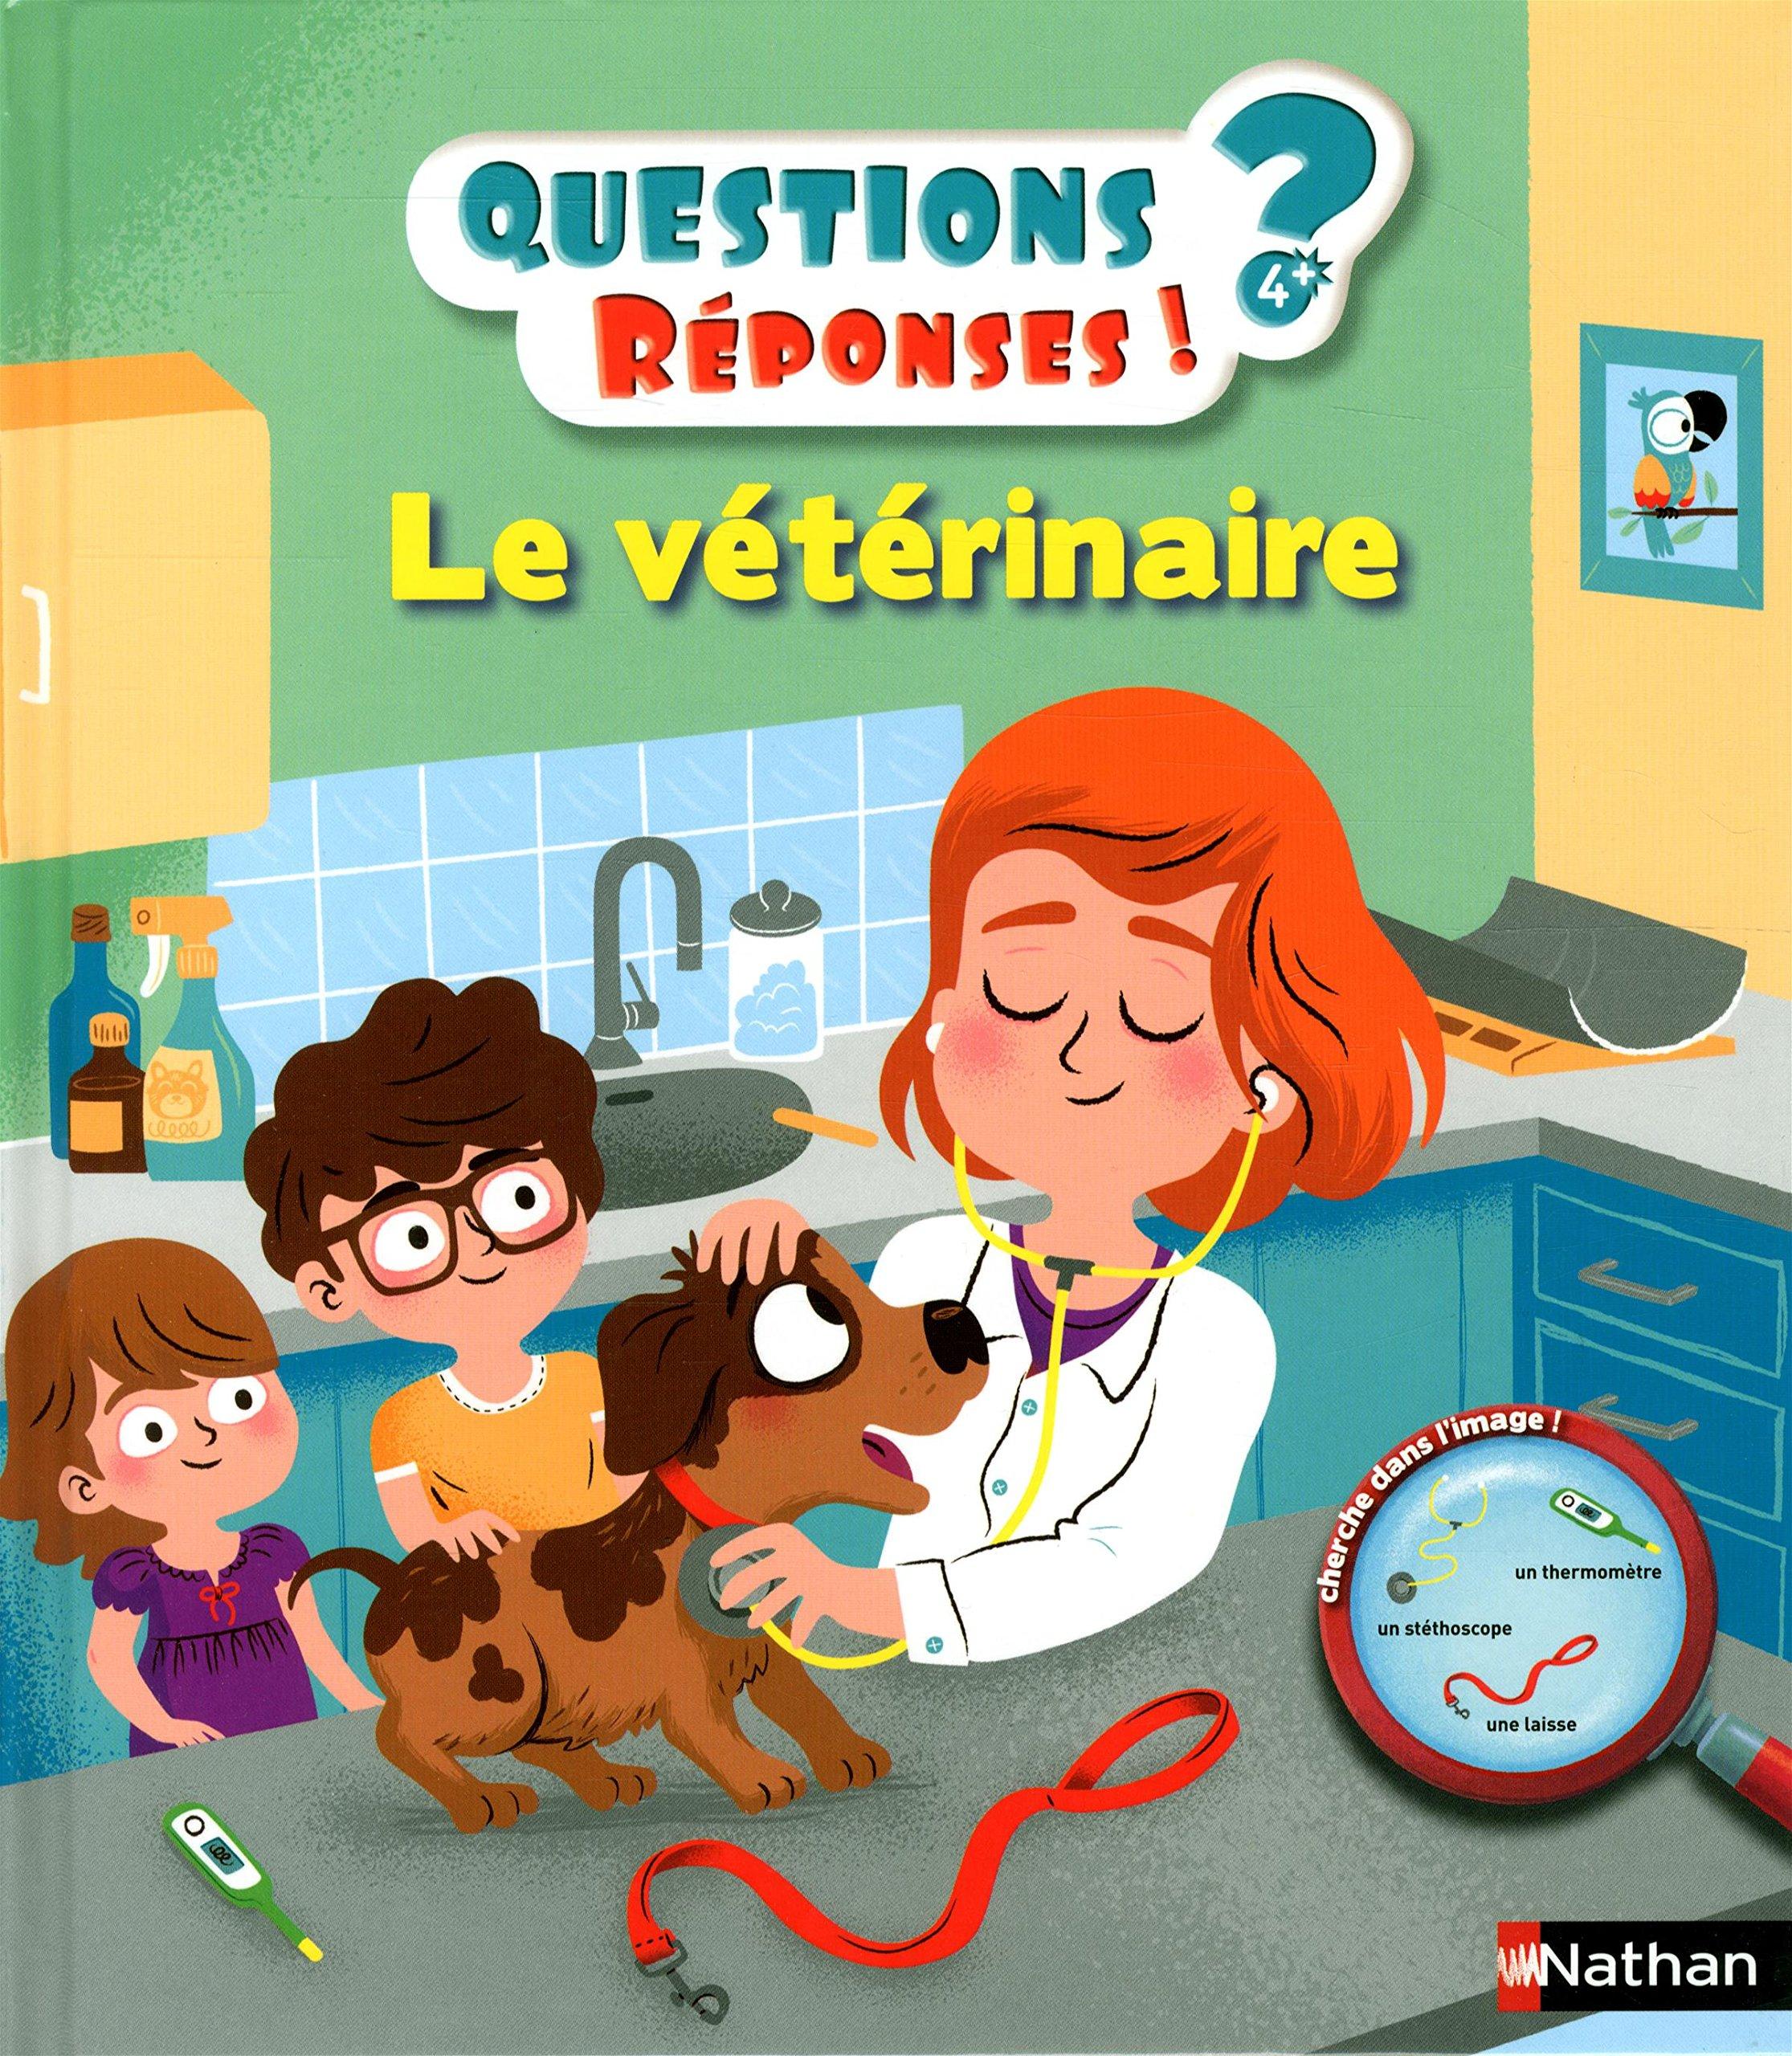 Le vétérinaire - Questions/Réponses - doc dès 5 ans (24) Album – 15 mai 2015 Sylvie Baussier Benjamin Bécue Nathan 2092558838